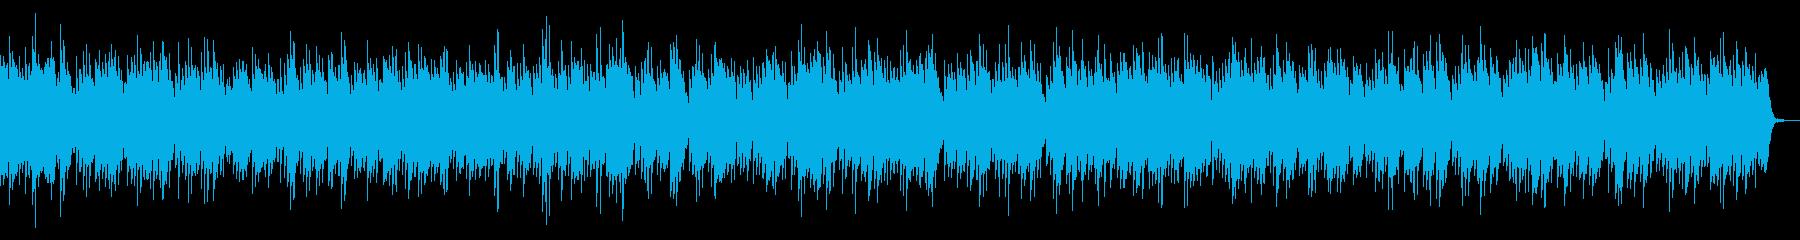 リズミカルなピアノ曲の再生済みの波形